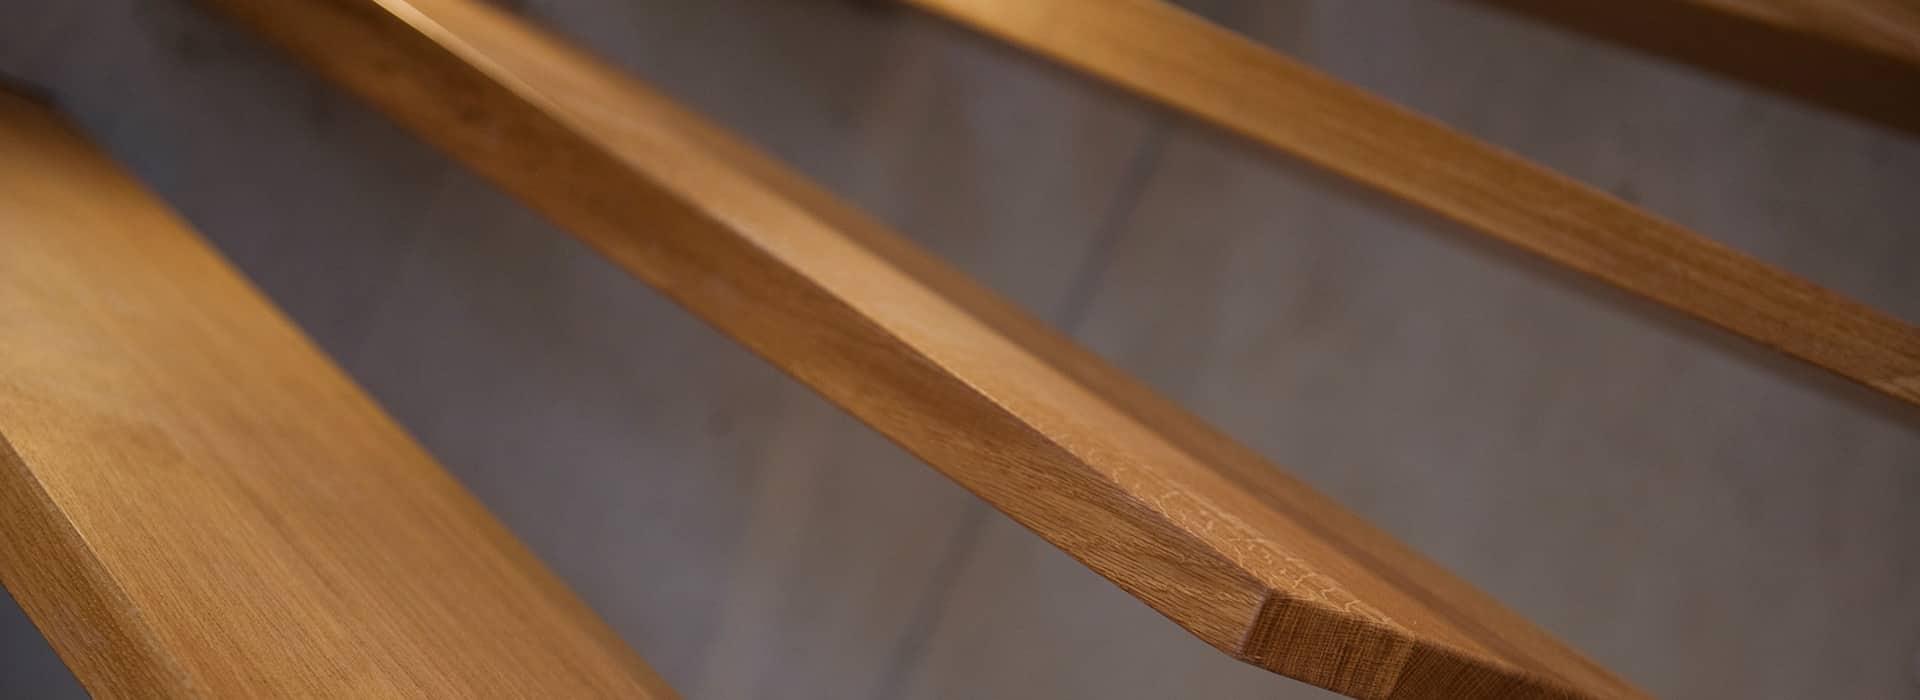 Detailbild Treppe